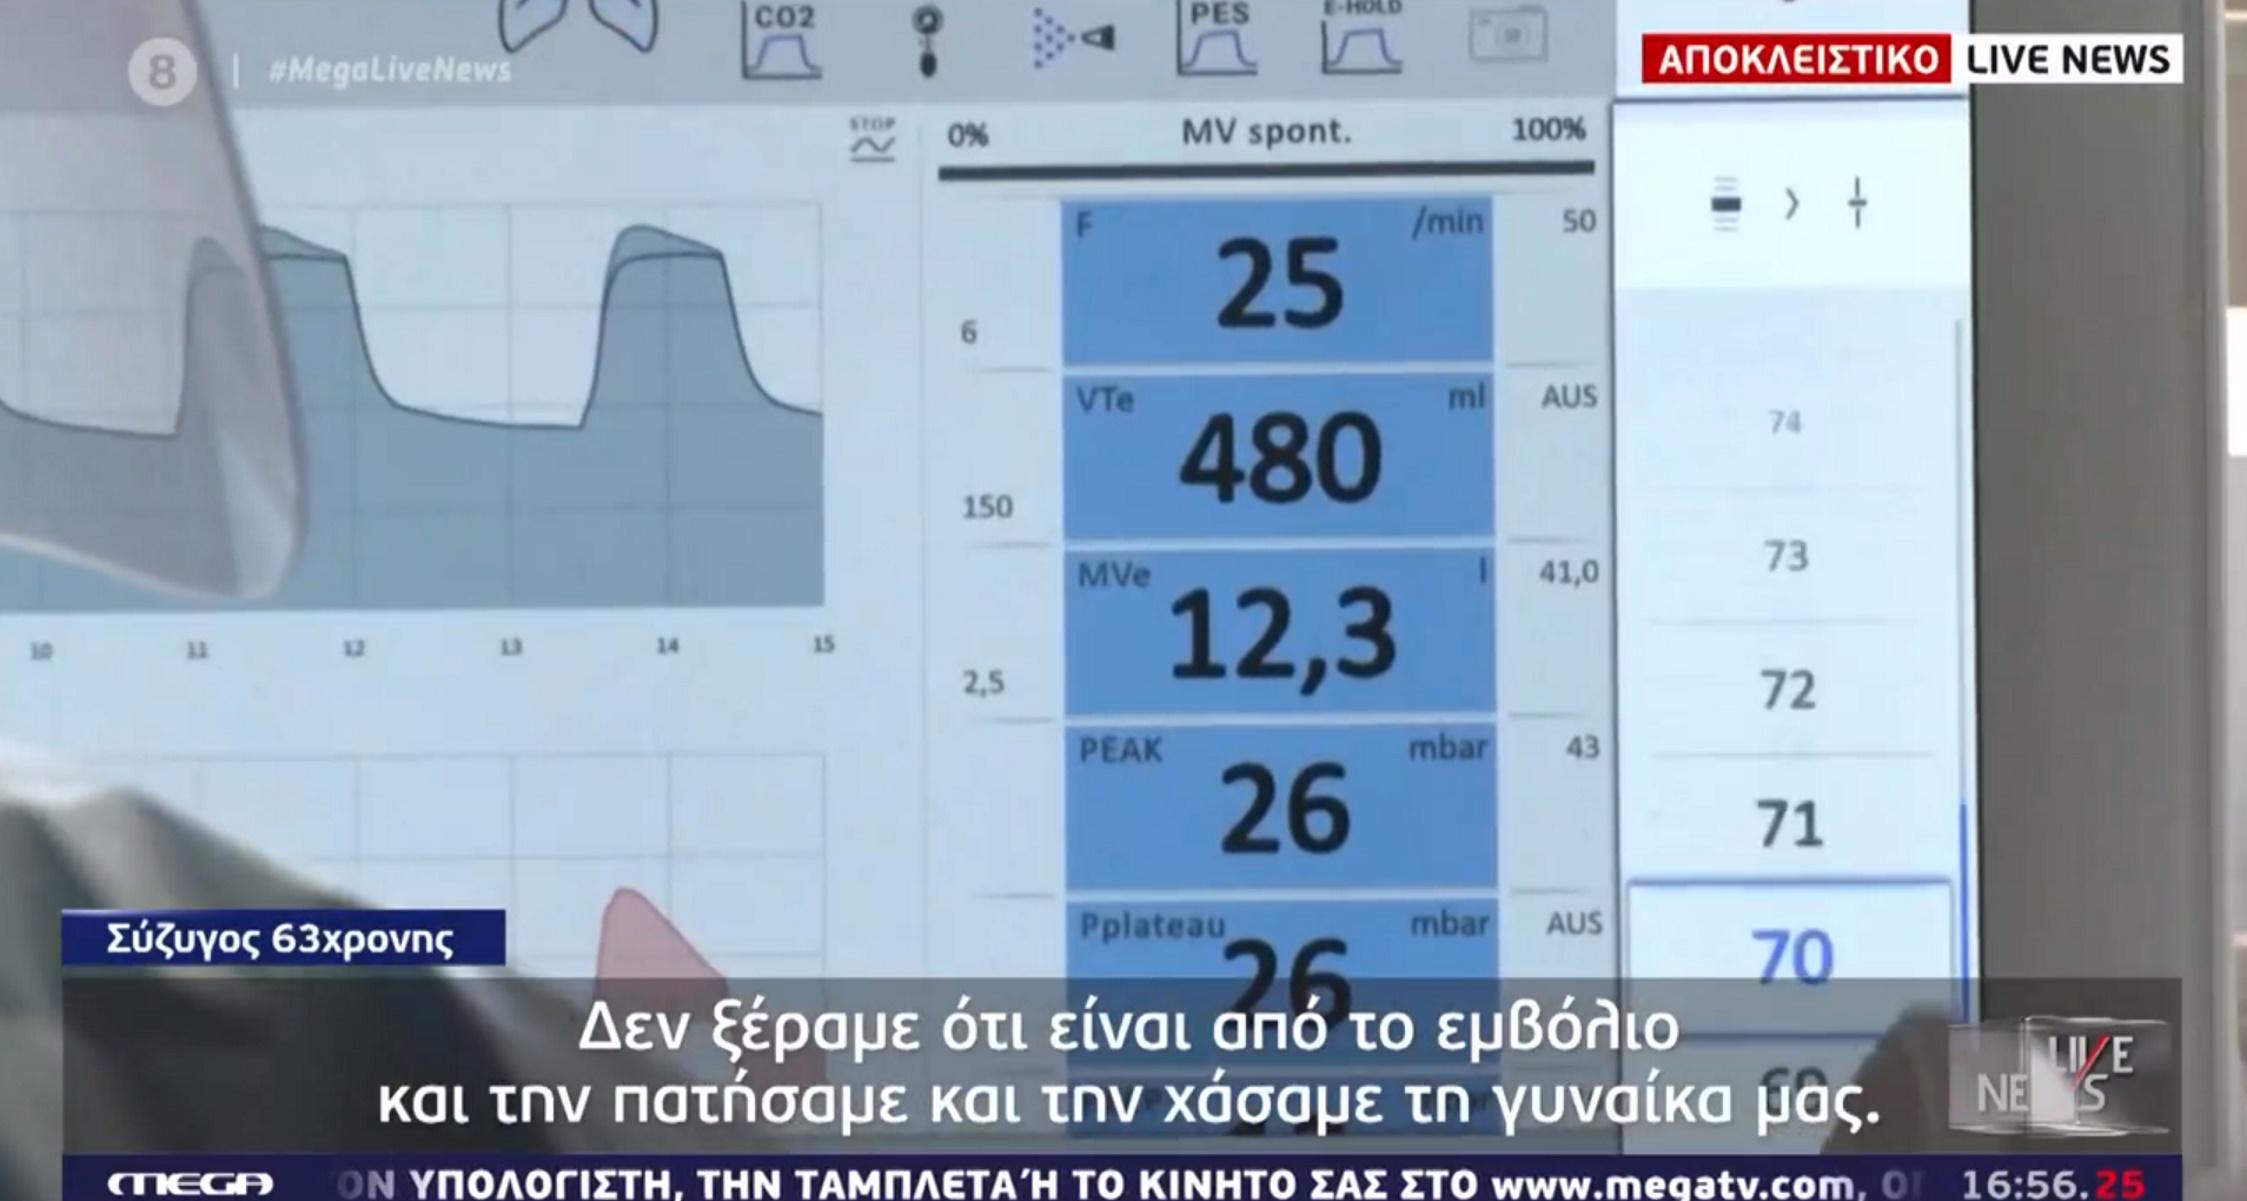 Στο Live News o σύζυγος της 63χρονης που πέθανε μετά το AstraZeneca στη Μυτιλήνη (video)